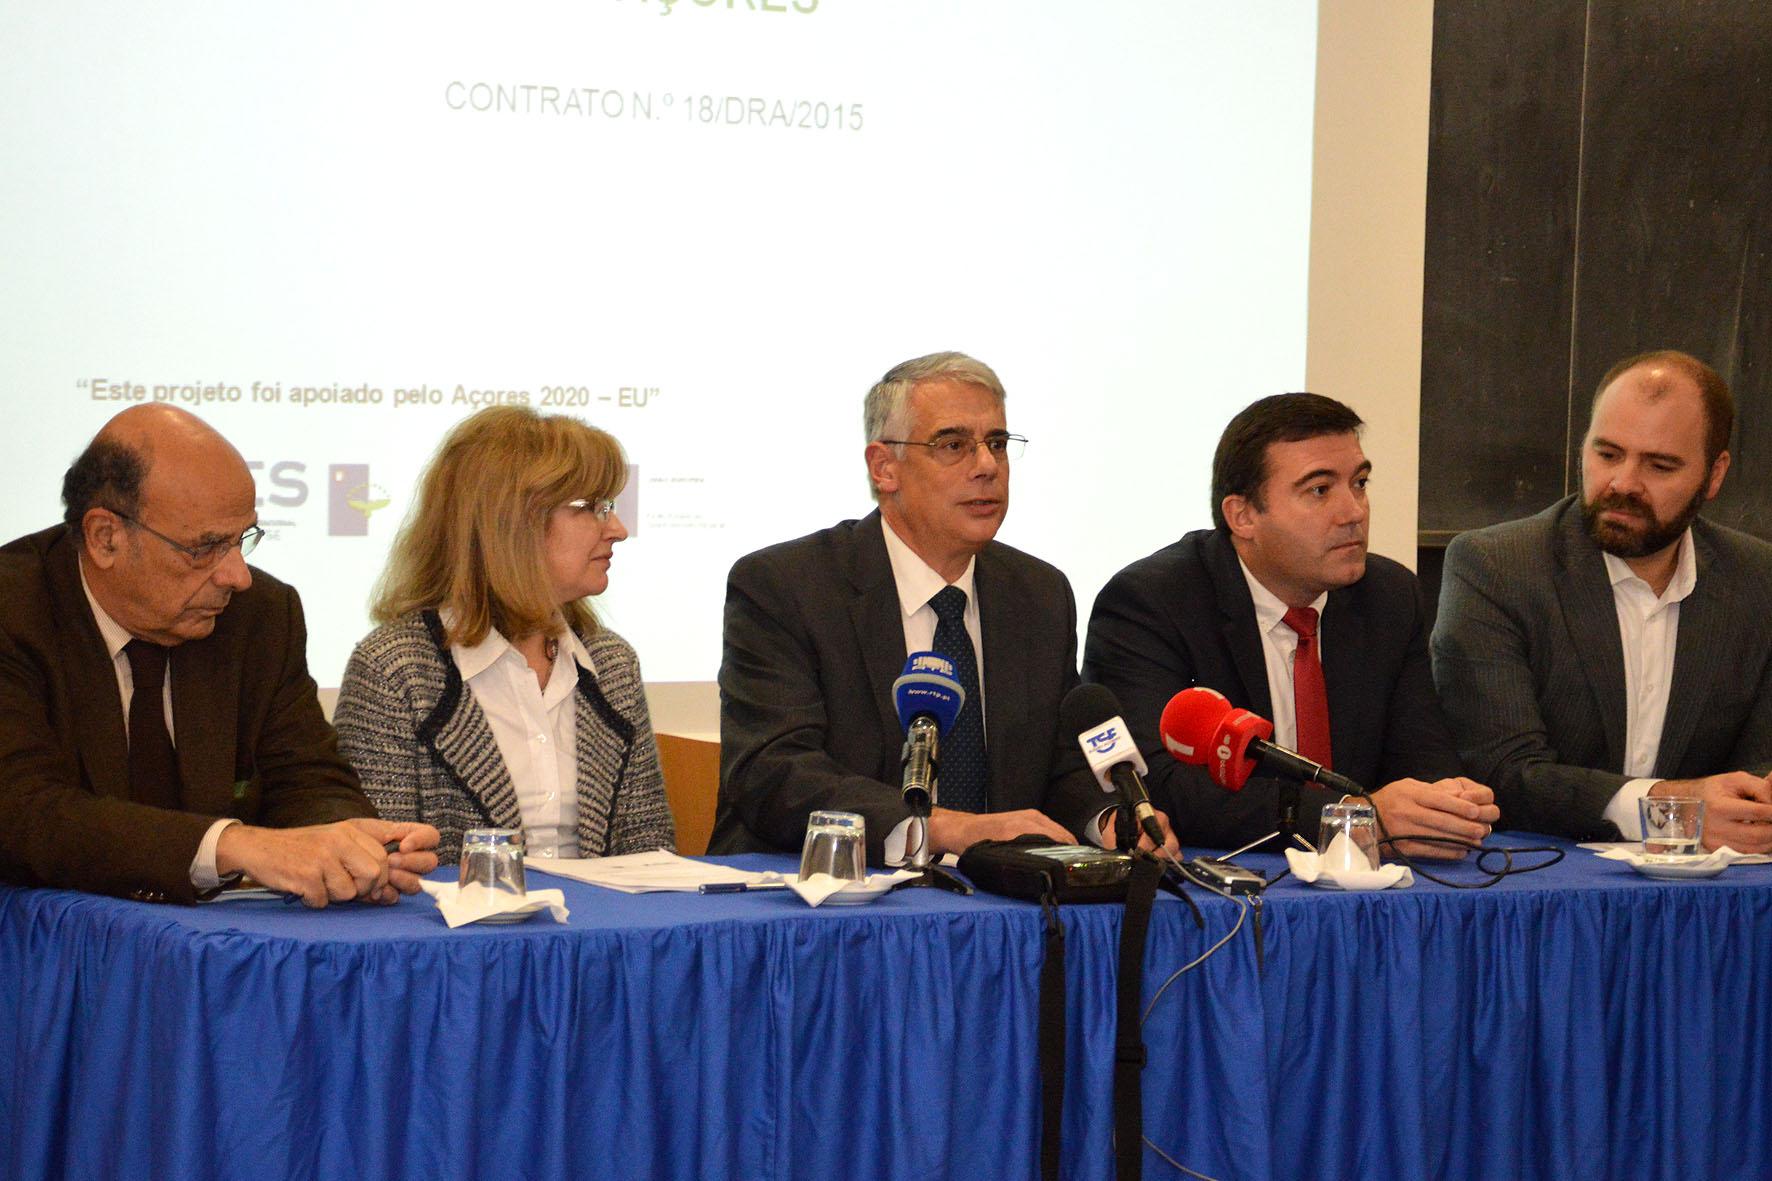 Luís Neto Viveiros destaca ação do Governo dos Açores na mitigação das alterações climáticas